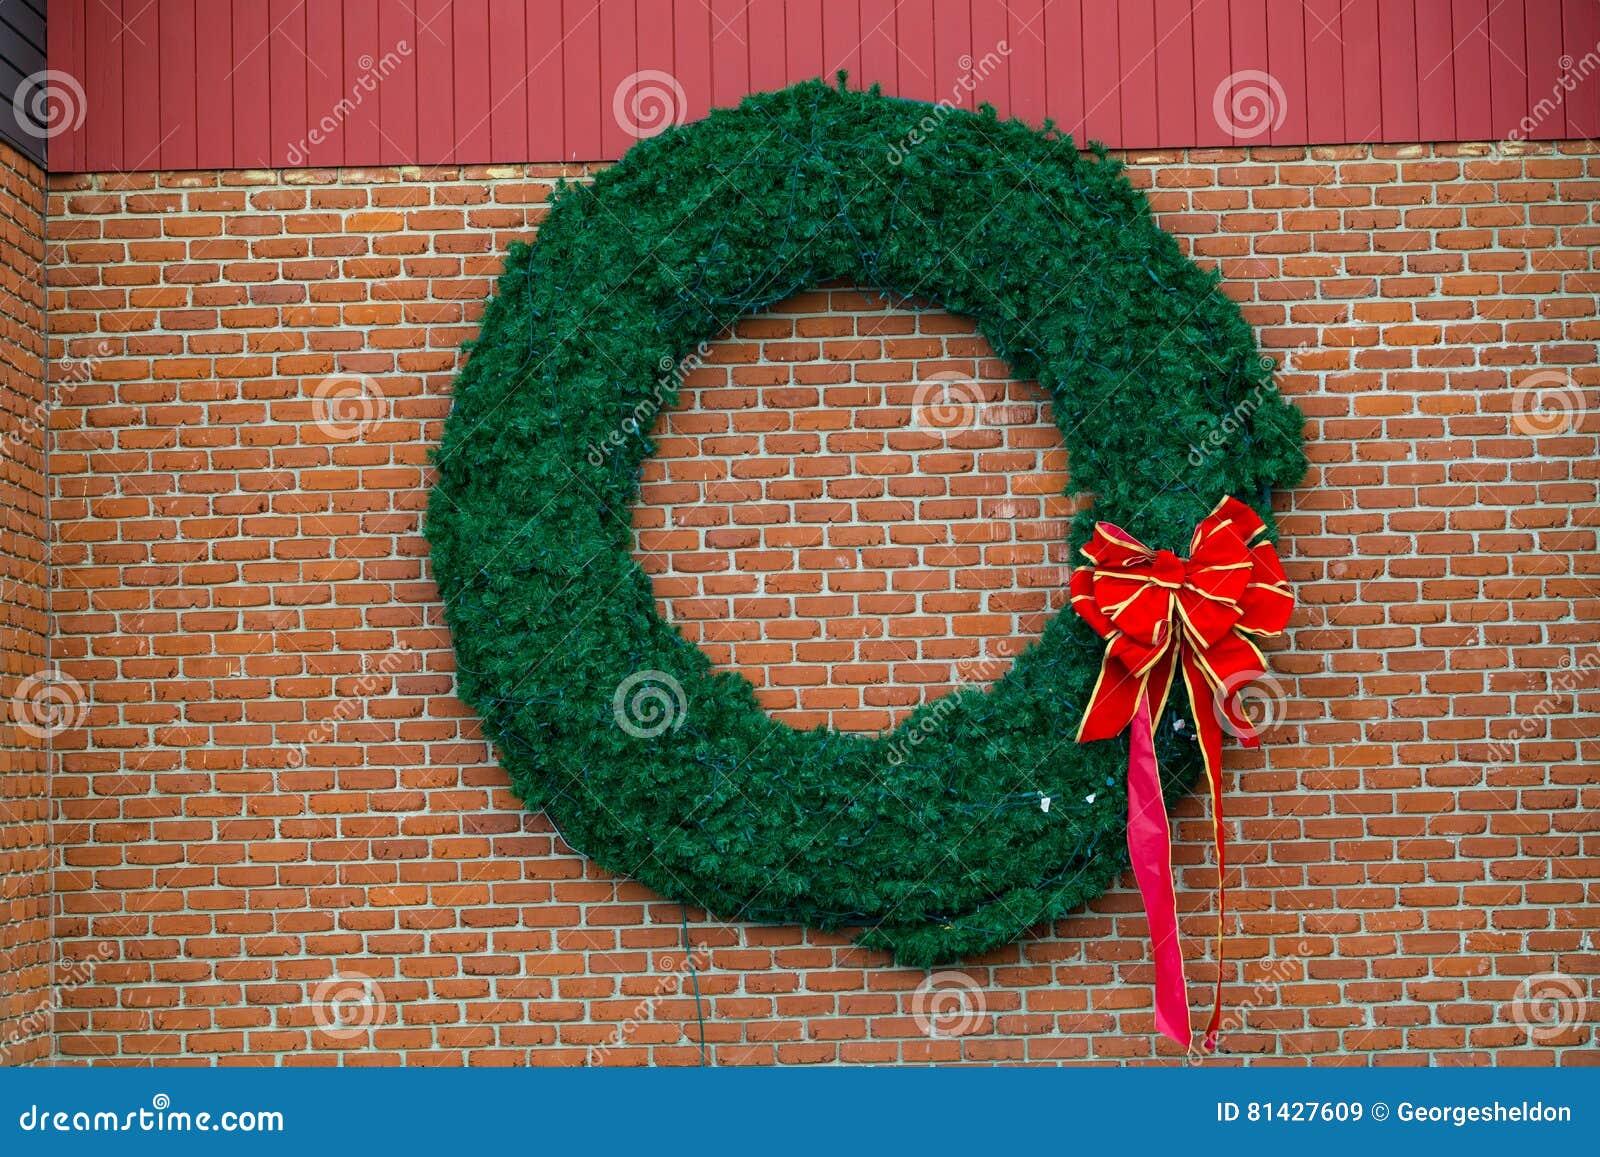 wreath on a brick wall